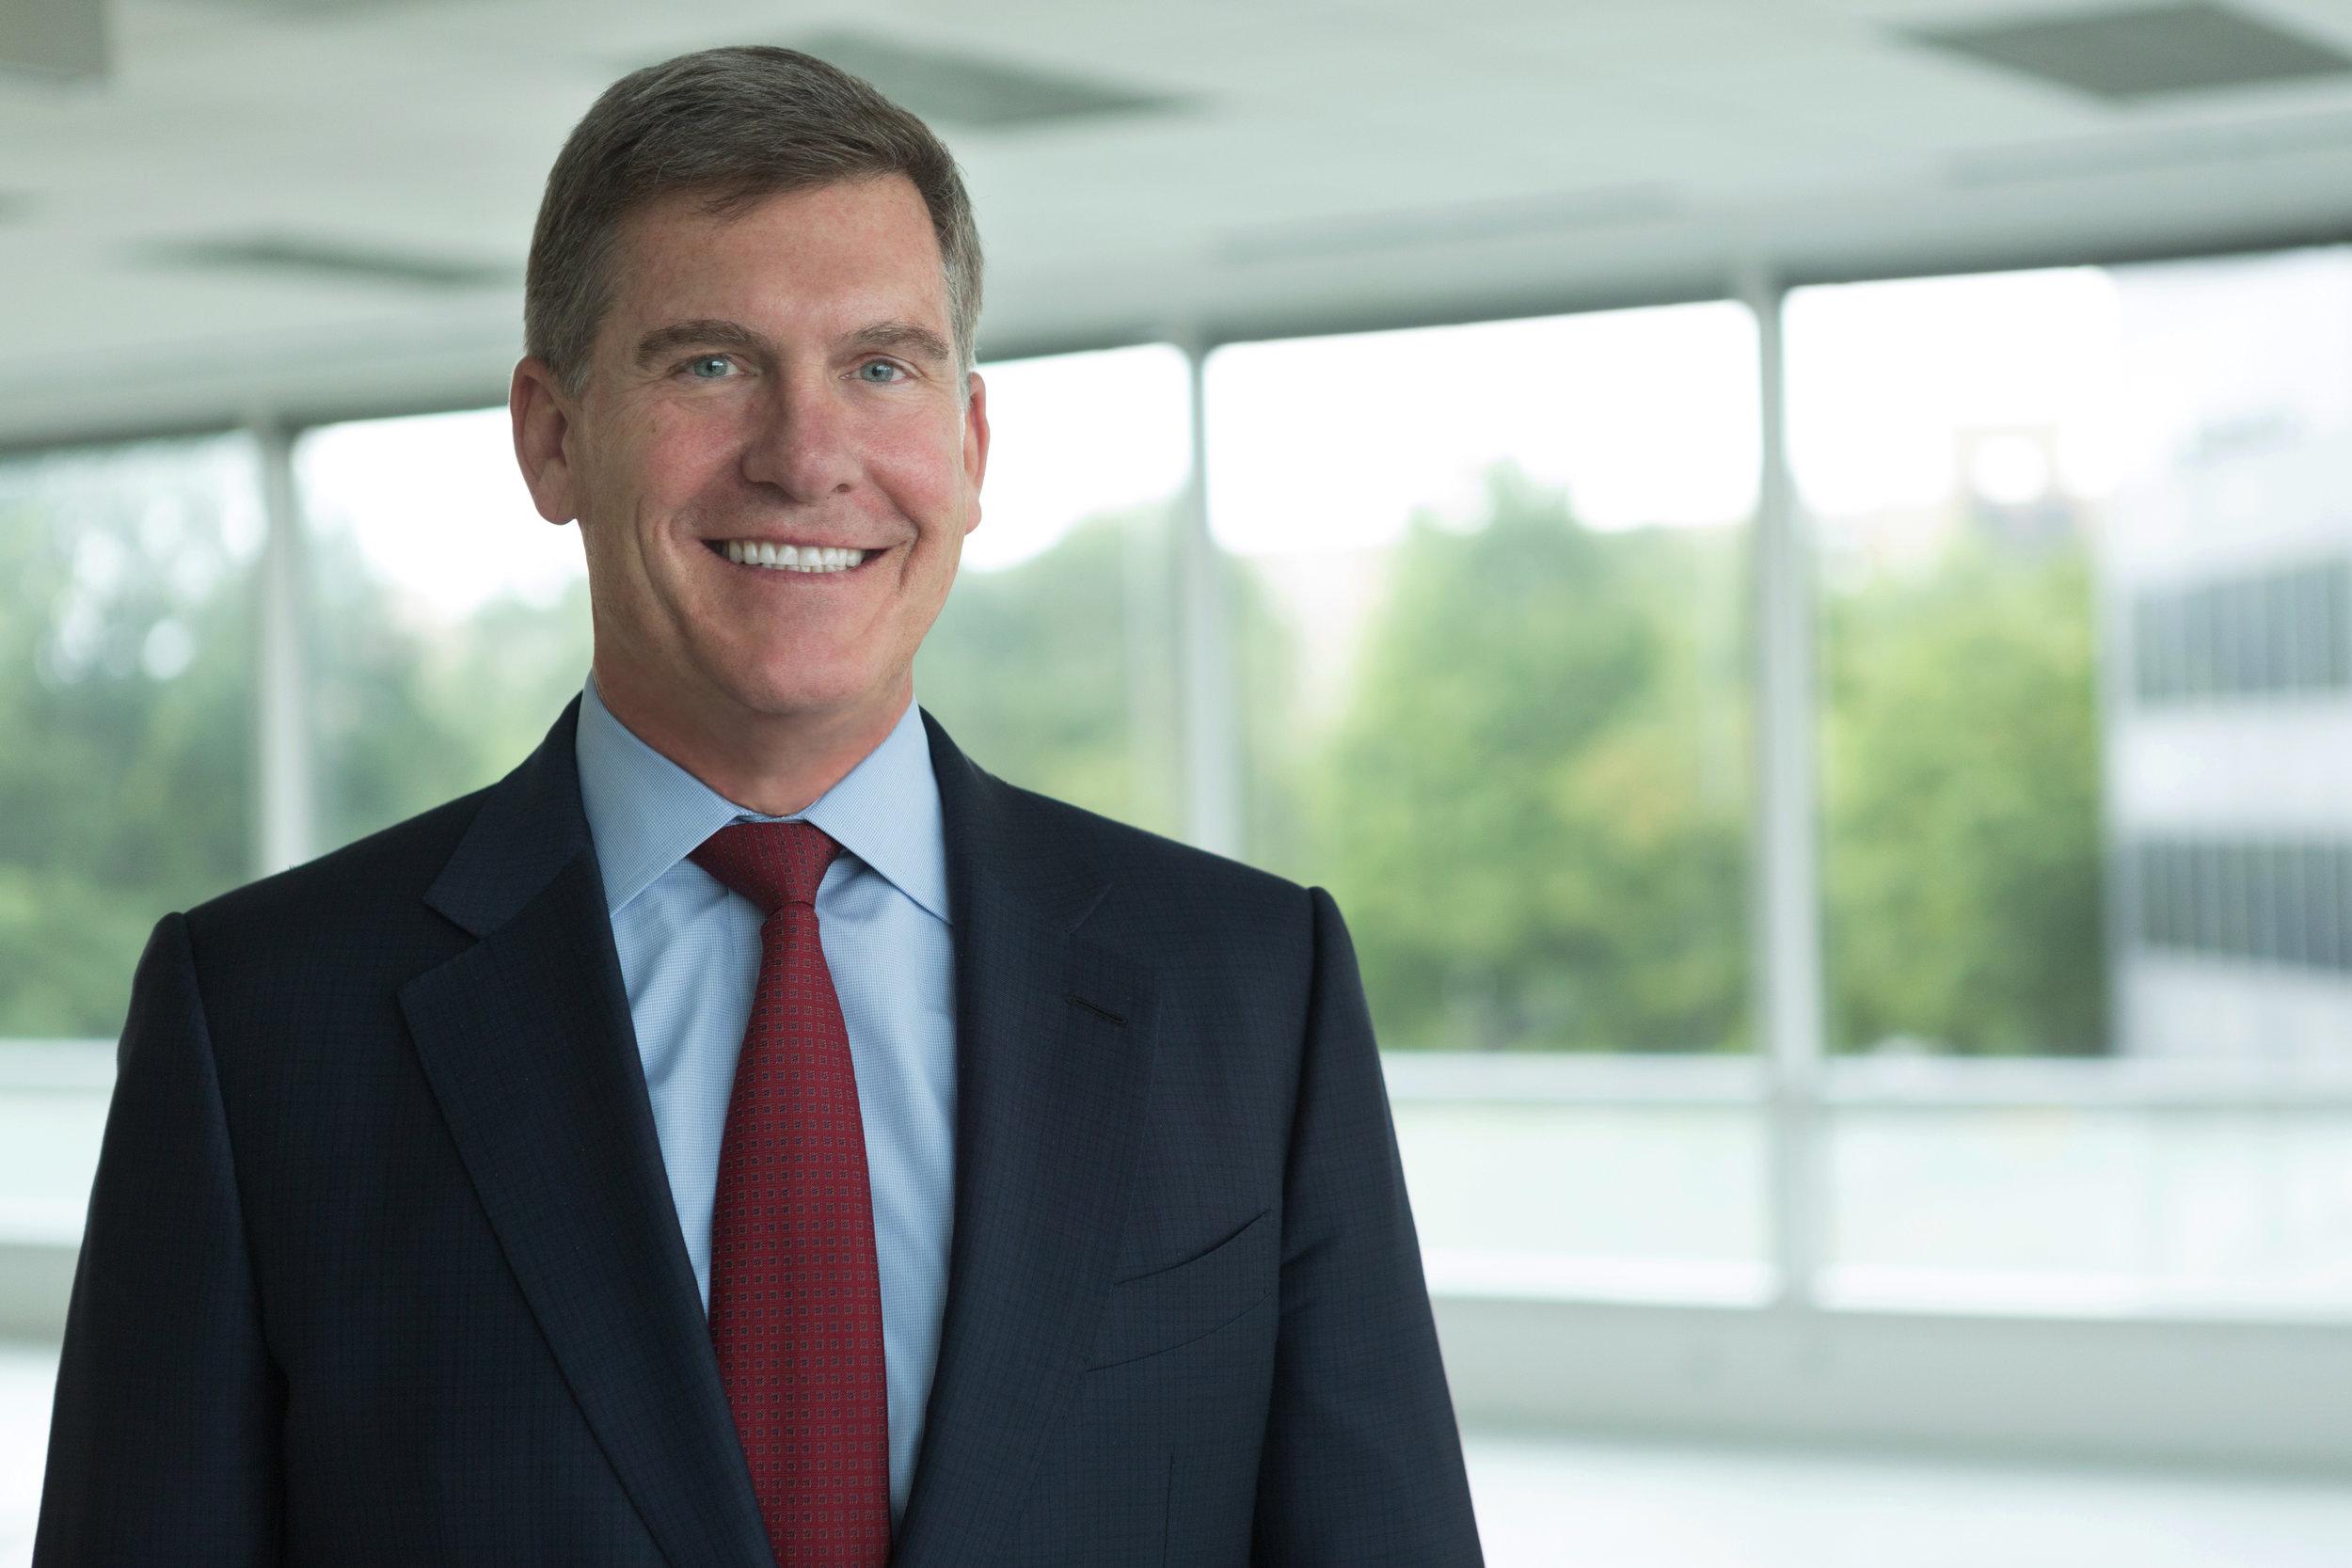 leesburg CEO headshots washington dc